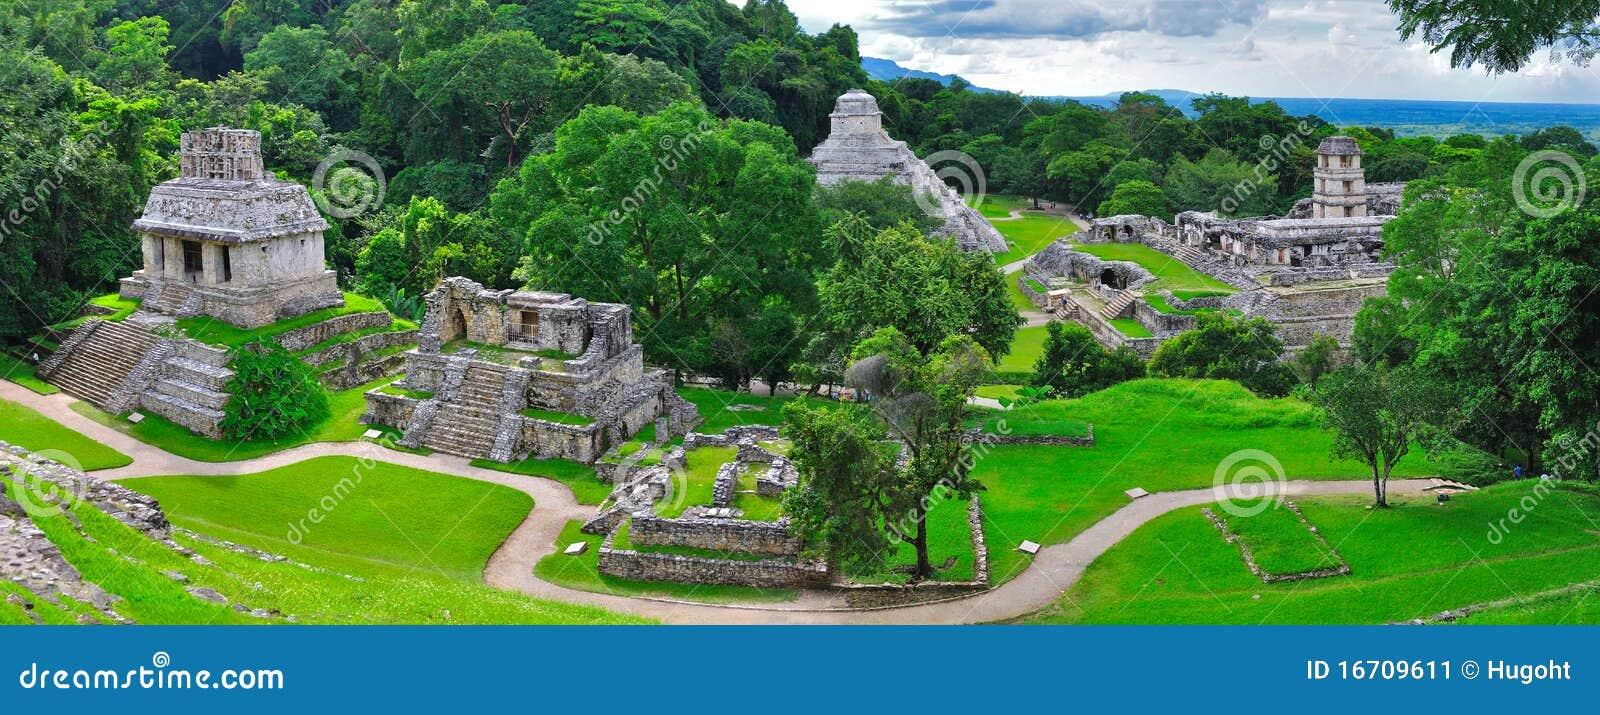 Templos antiguos del maya de Palenque, México